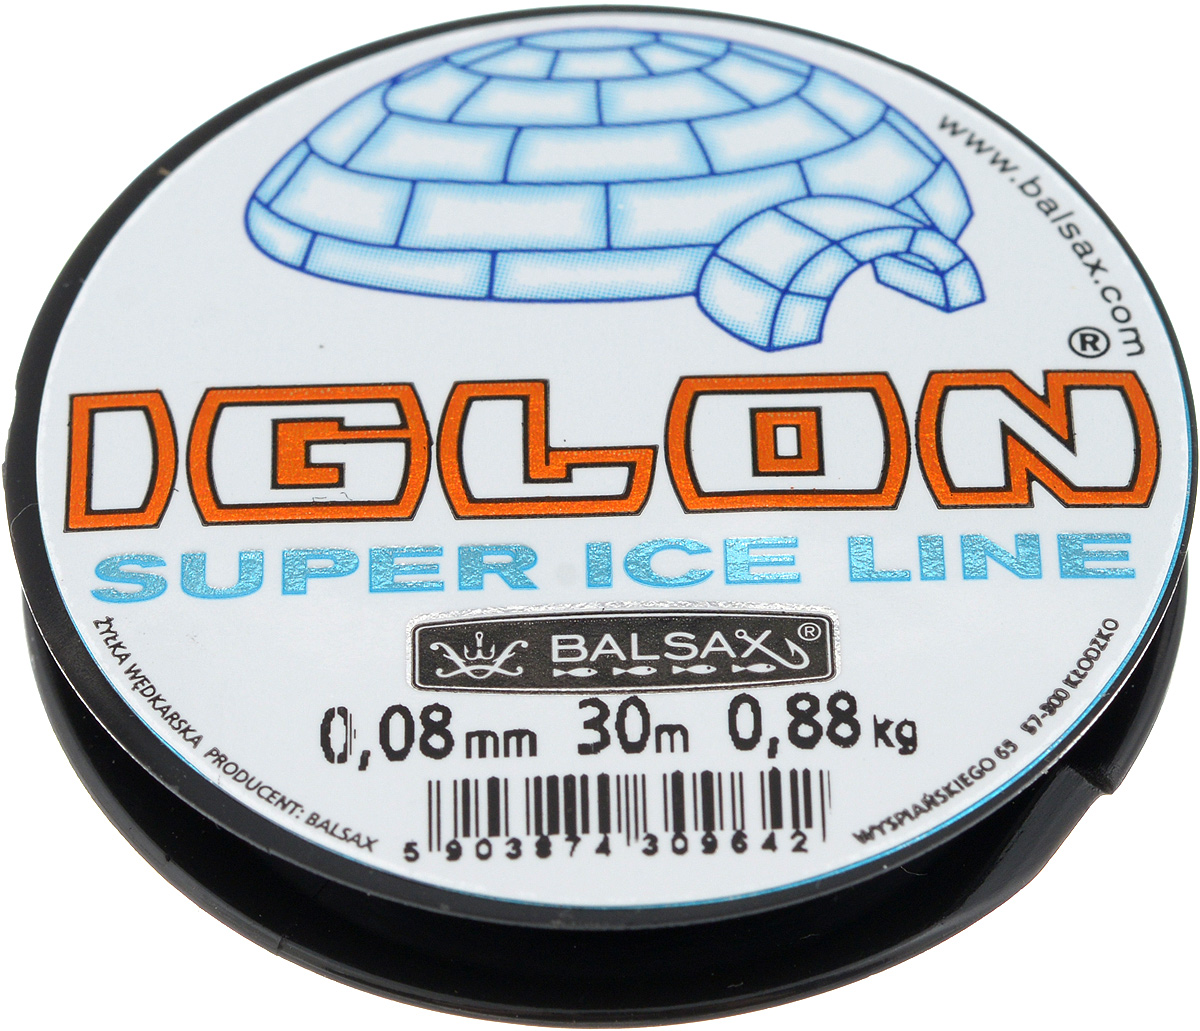 Леска зимняя Balsax Iglon, 30 м, 0,08 мм, 0,88 кг310-04012Леска Balsax Iglon изготовлена из 100% нейлона и очень хорошо выдерживает низкие температуры. Даже в самом холодном климате, при температуре вплоть до -40°C, она сохраняет свои свойства практически без изменений, в то время как традиционные лески становятся менее эластичными и теряют прочность.Поверхность лески обработана таким образом, что она не обмерзает и отлично подходит для подледного лова. Прочна в местах вязки узлов даже при минимальном диаметре.